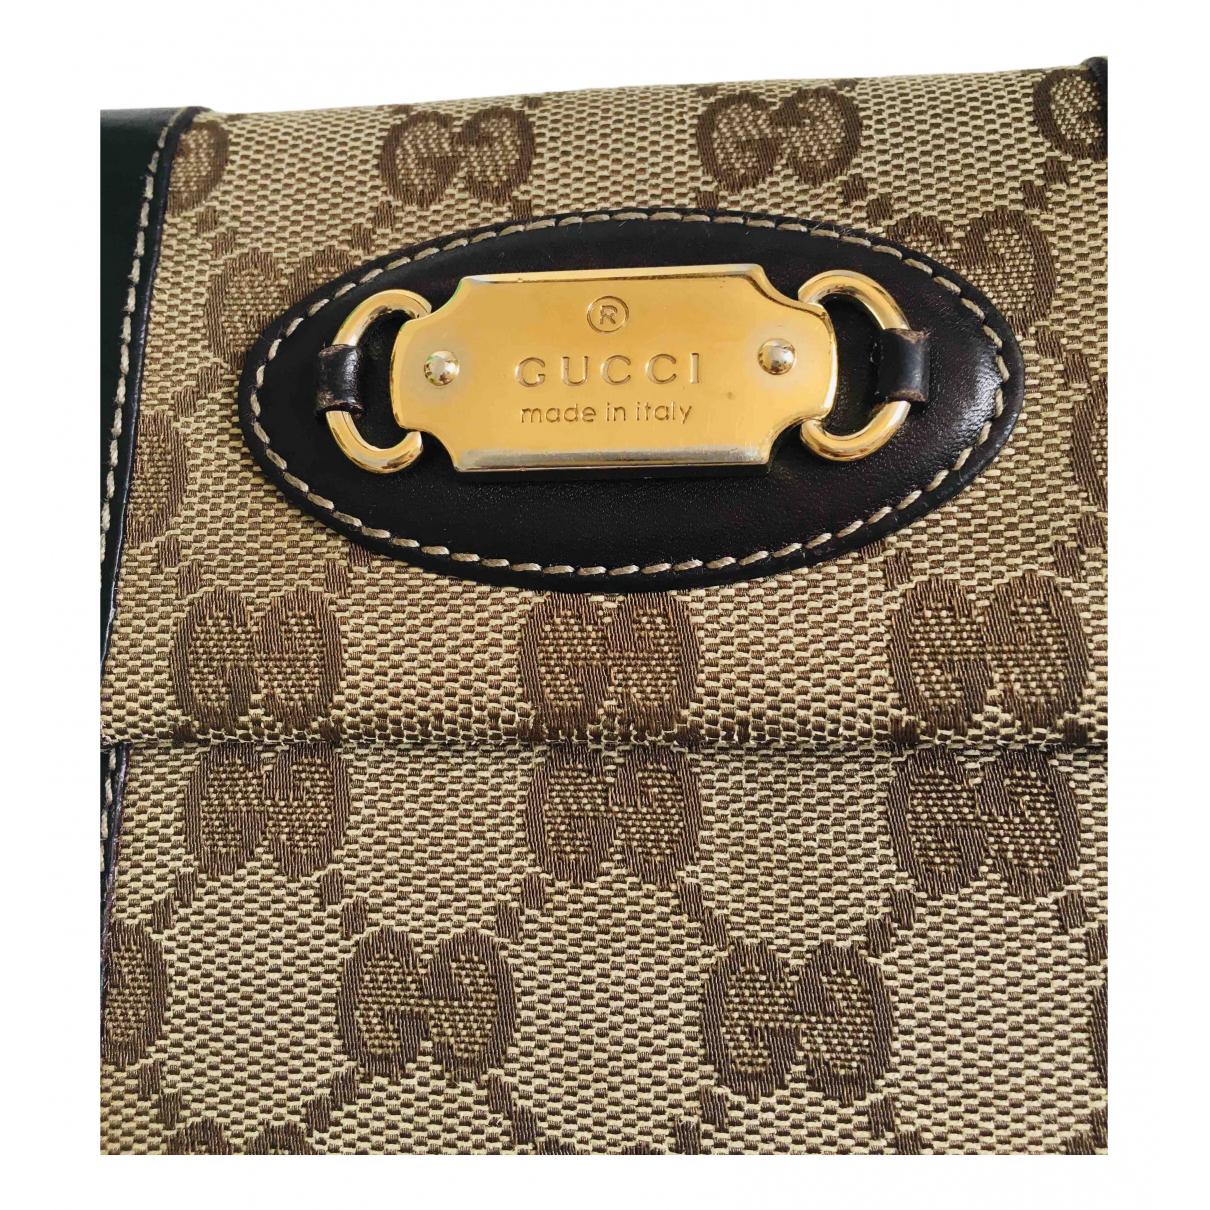 Gucci - Portefeuille Ophidia pour femme en toile - marron